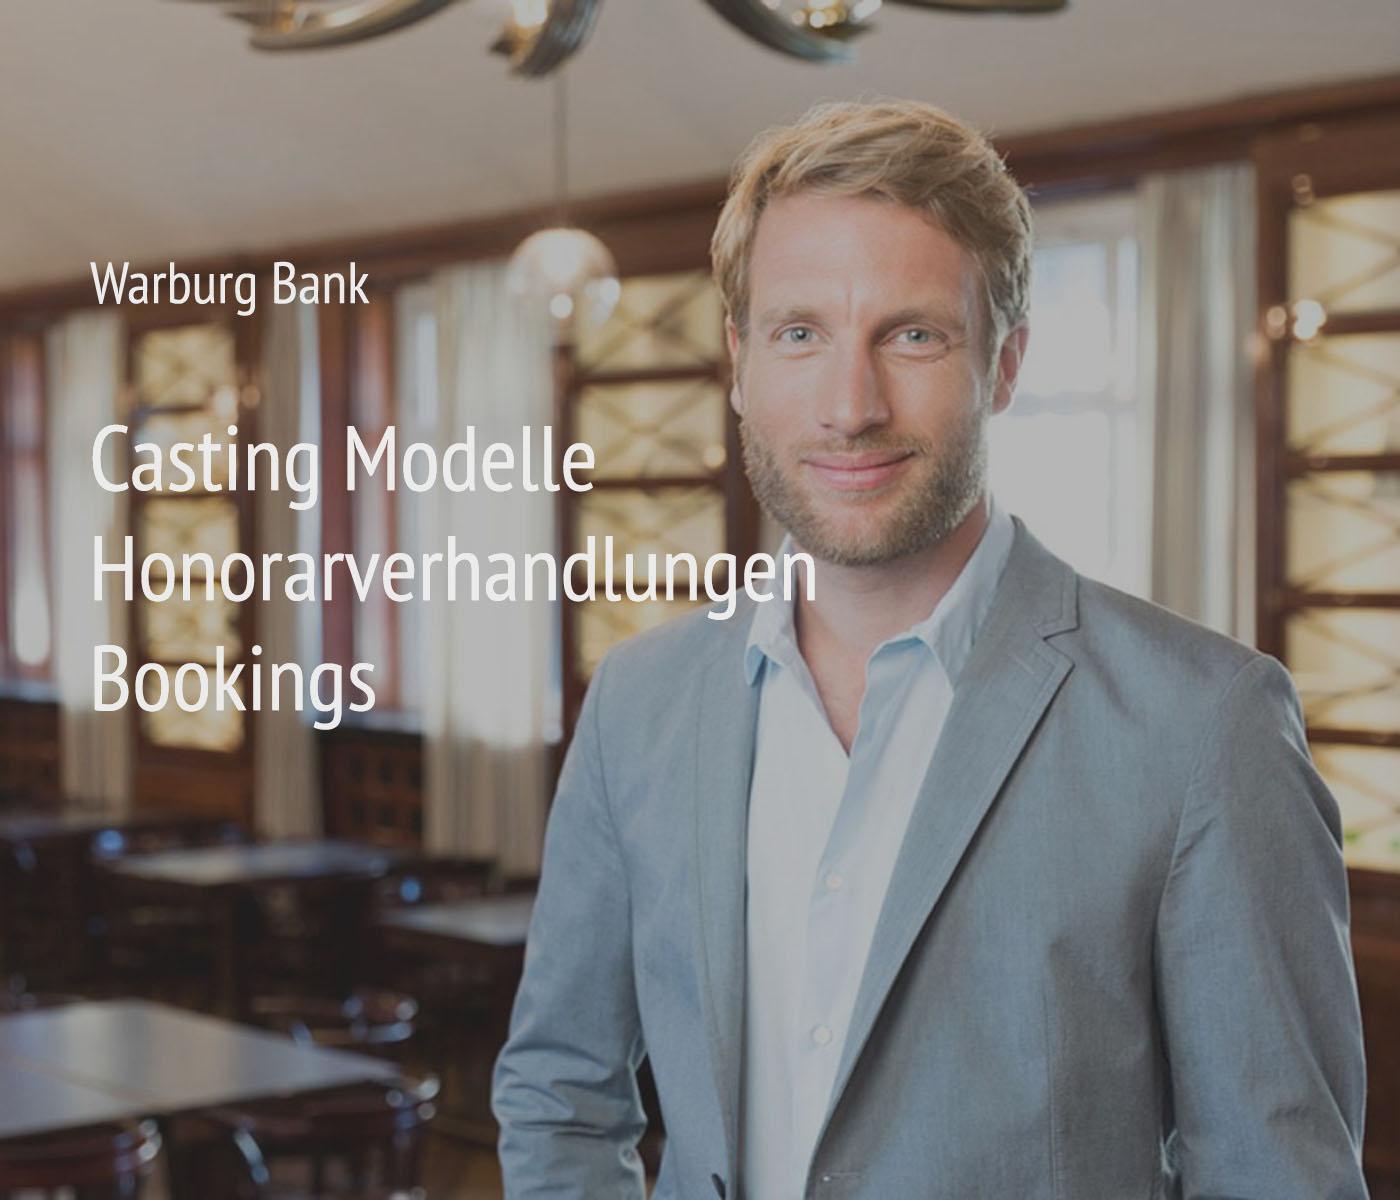 Portraitfotografie von Christian O. Bruch + Management + Organisation für das Projekt Warburg Bank